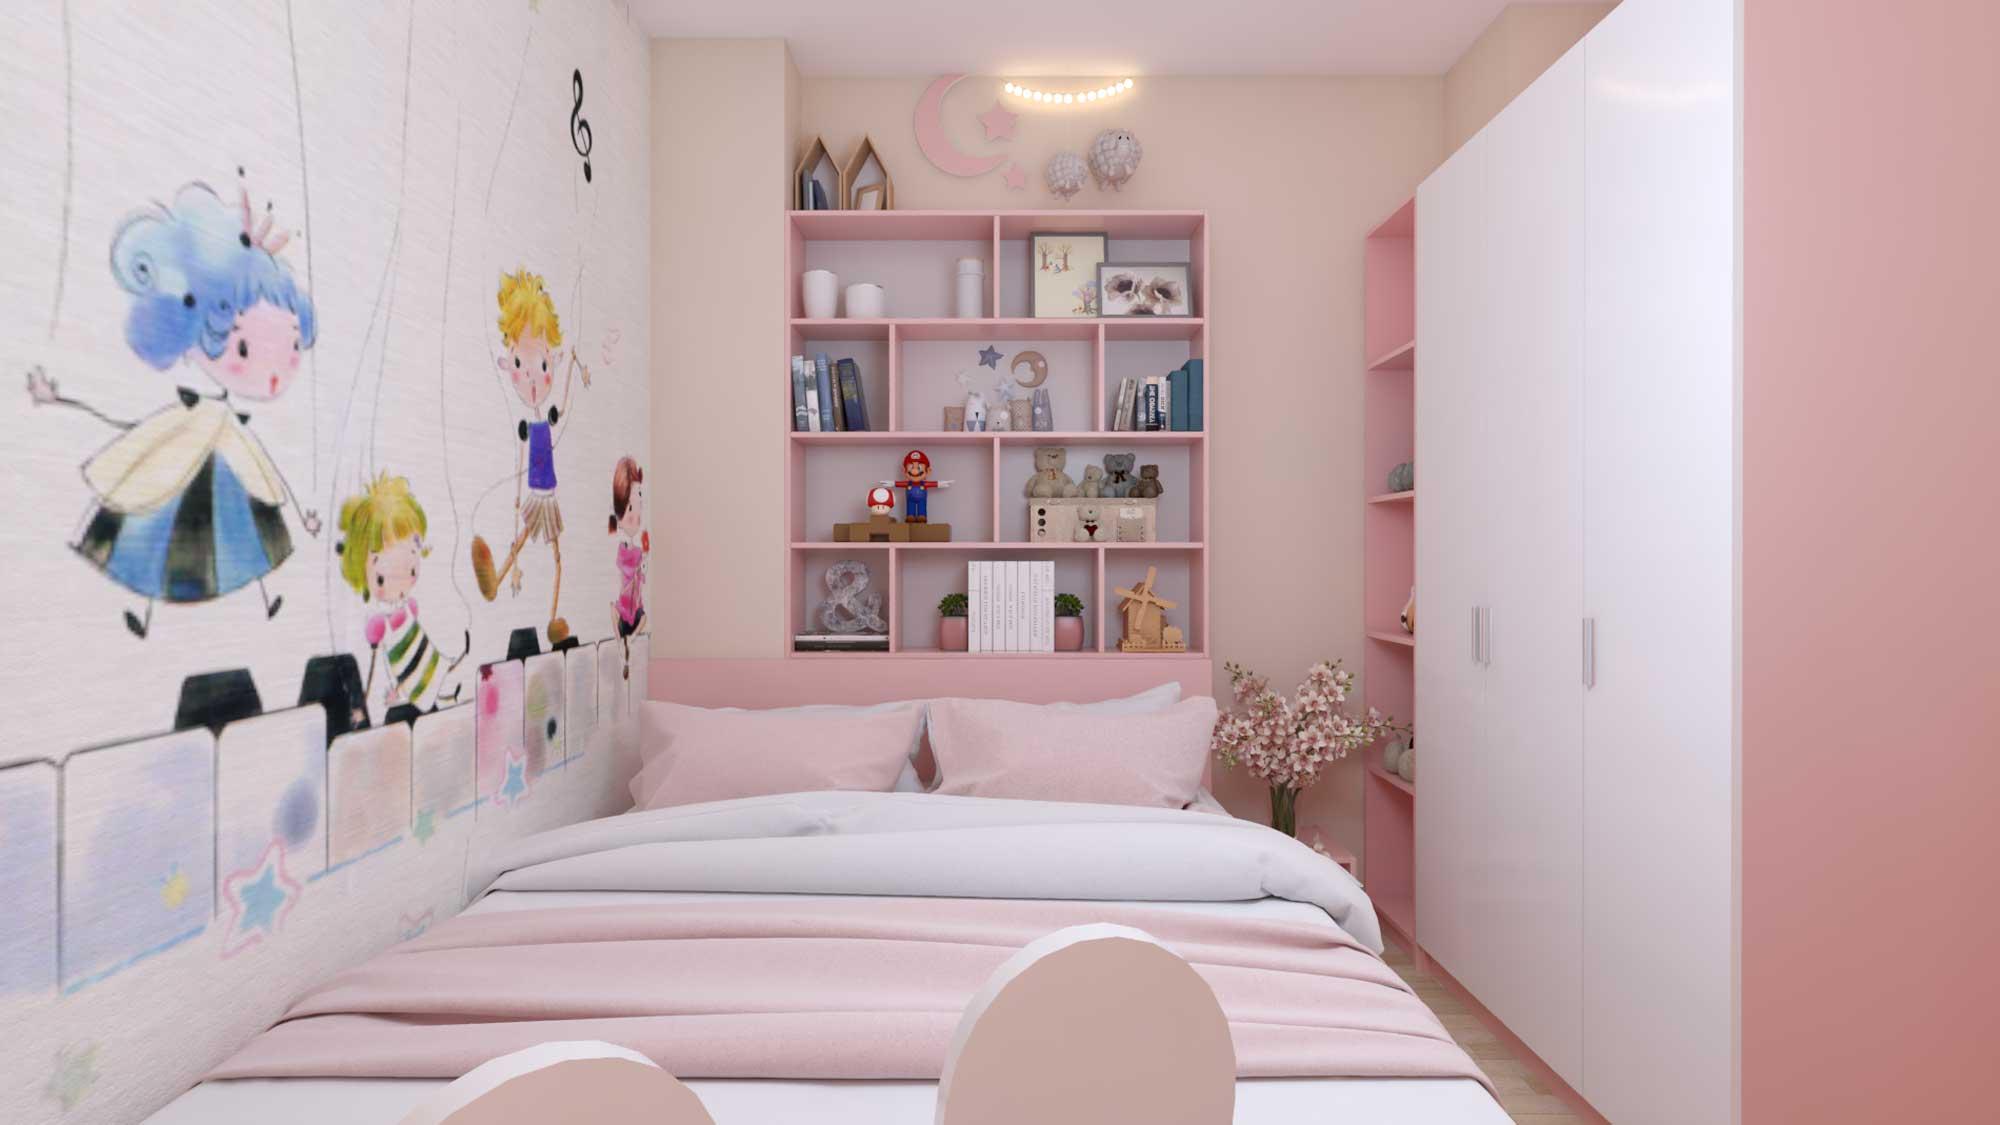 Thiết kế phòng ngủ con gái nhà anh Huy